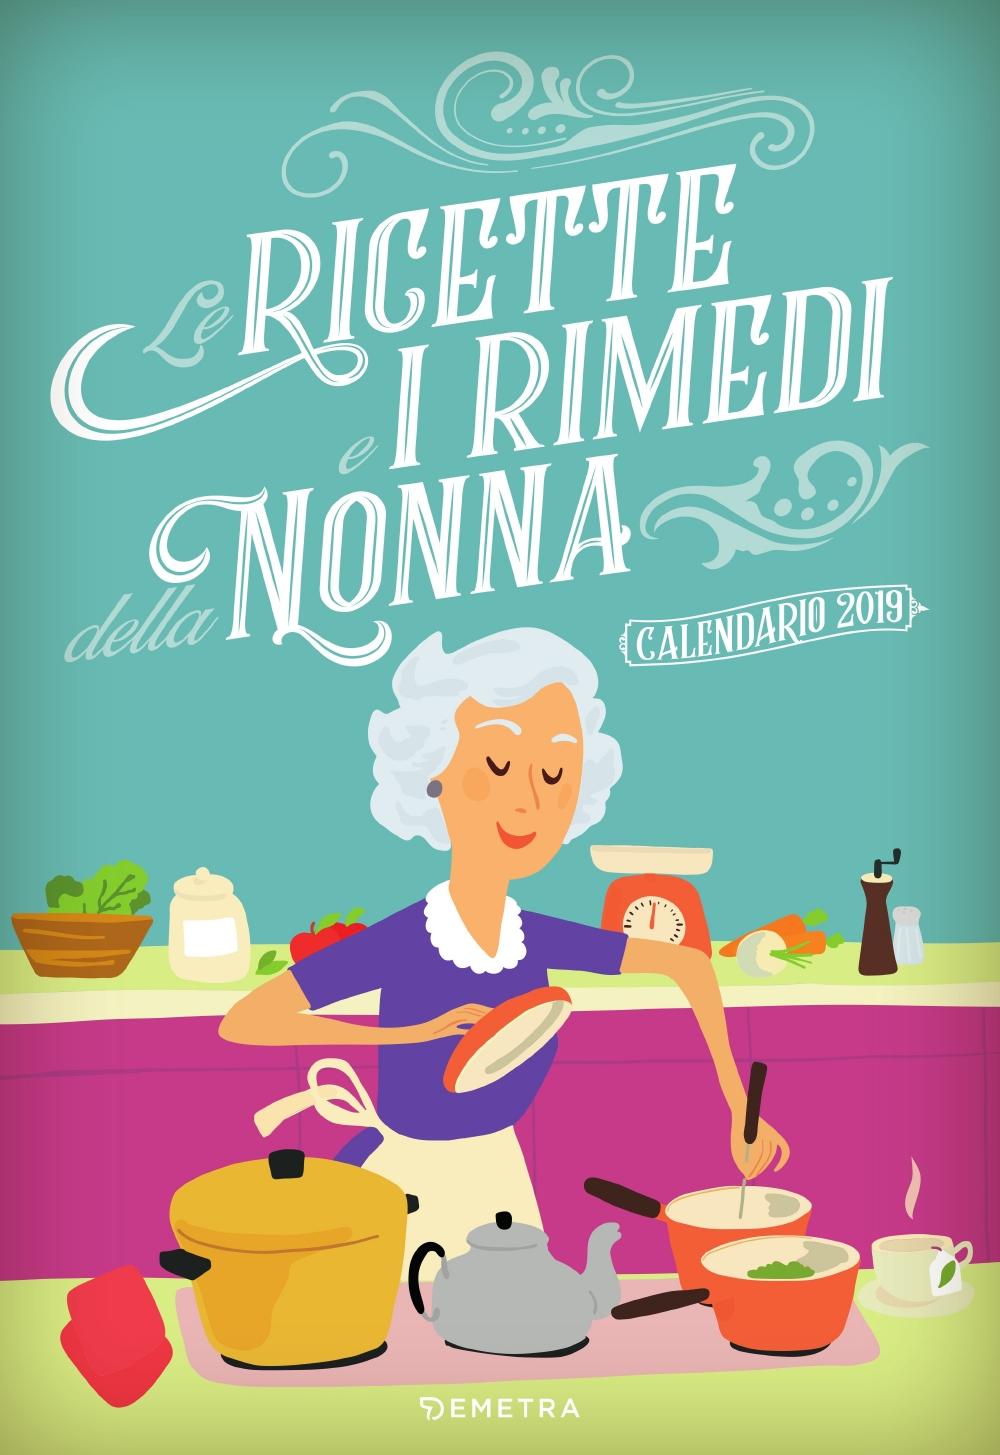 Le ricette e i rimedi della Nonna - Calendario 2019